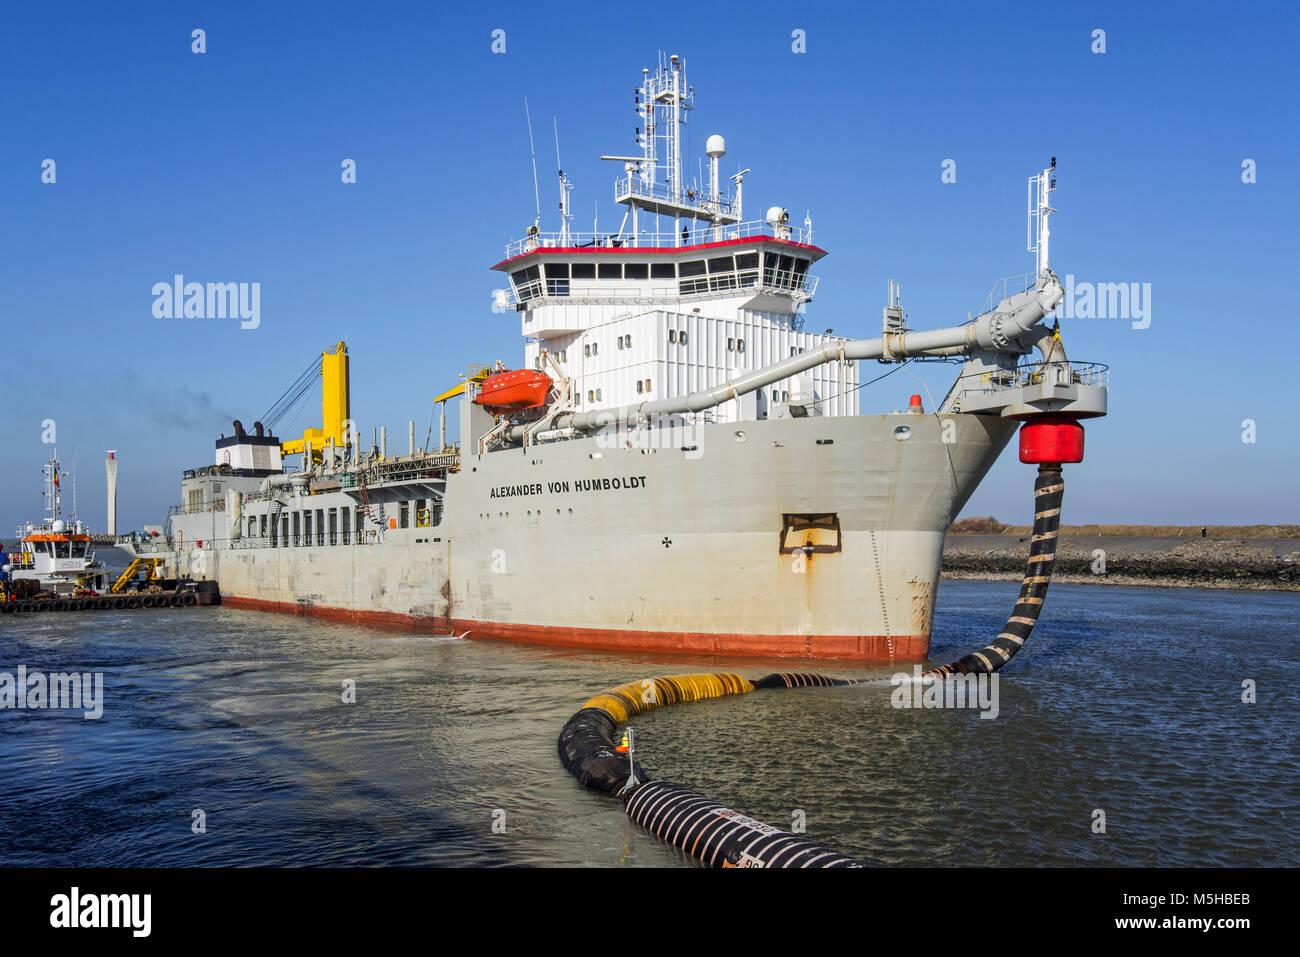 Trailing suction hopper dredger Alexander von Humboldt in port of Ostend discharging sand via long hoses / floating - Stock Image